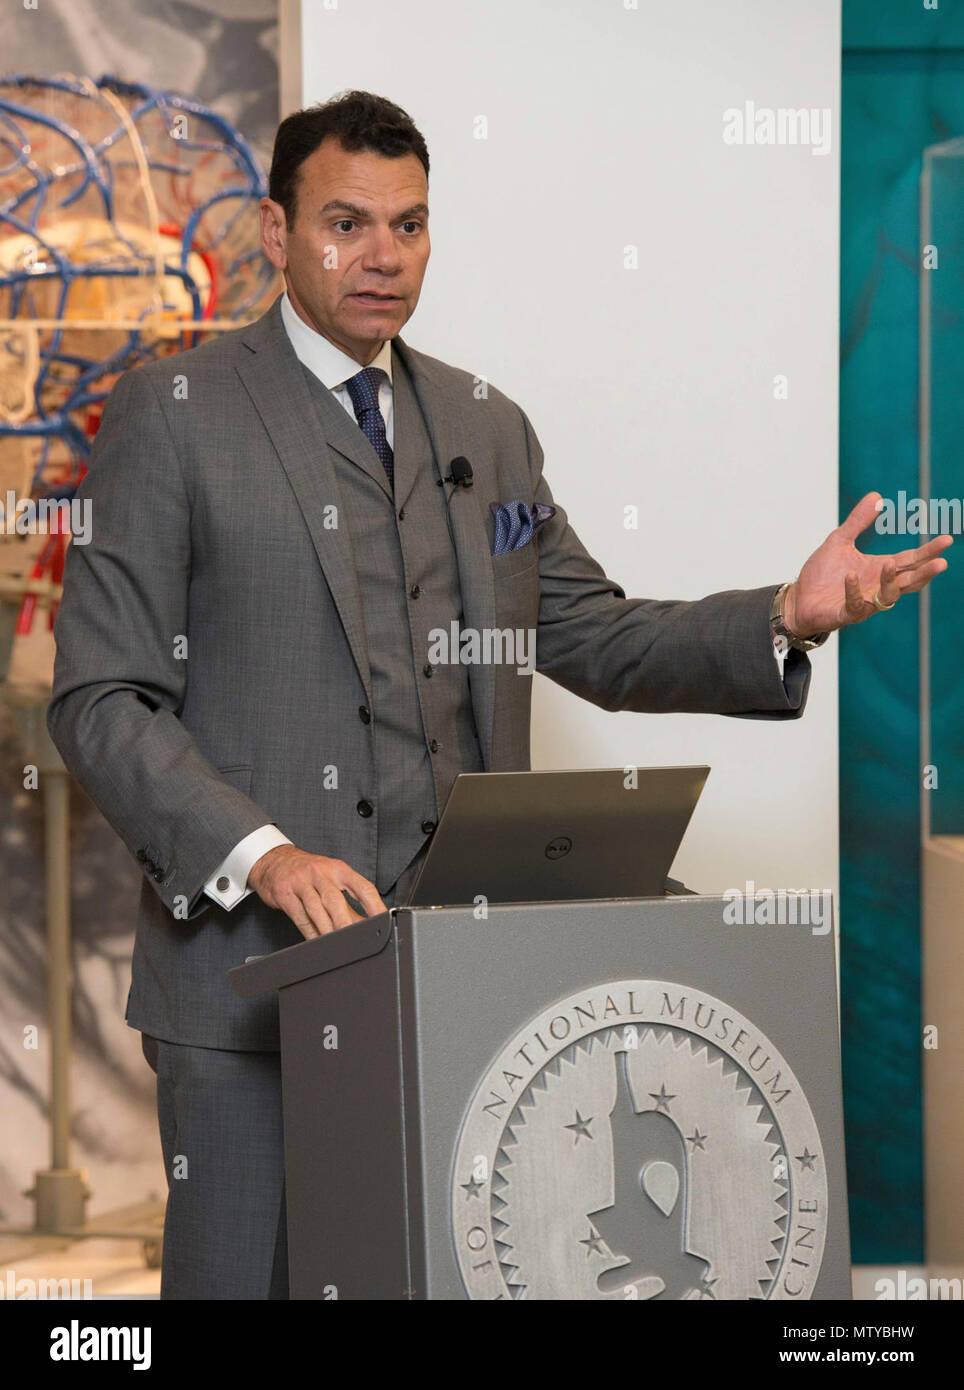 Caption: Plastic surgeon Eduardo D  Rodriguez, MD, DDS, of